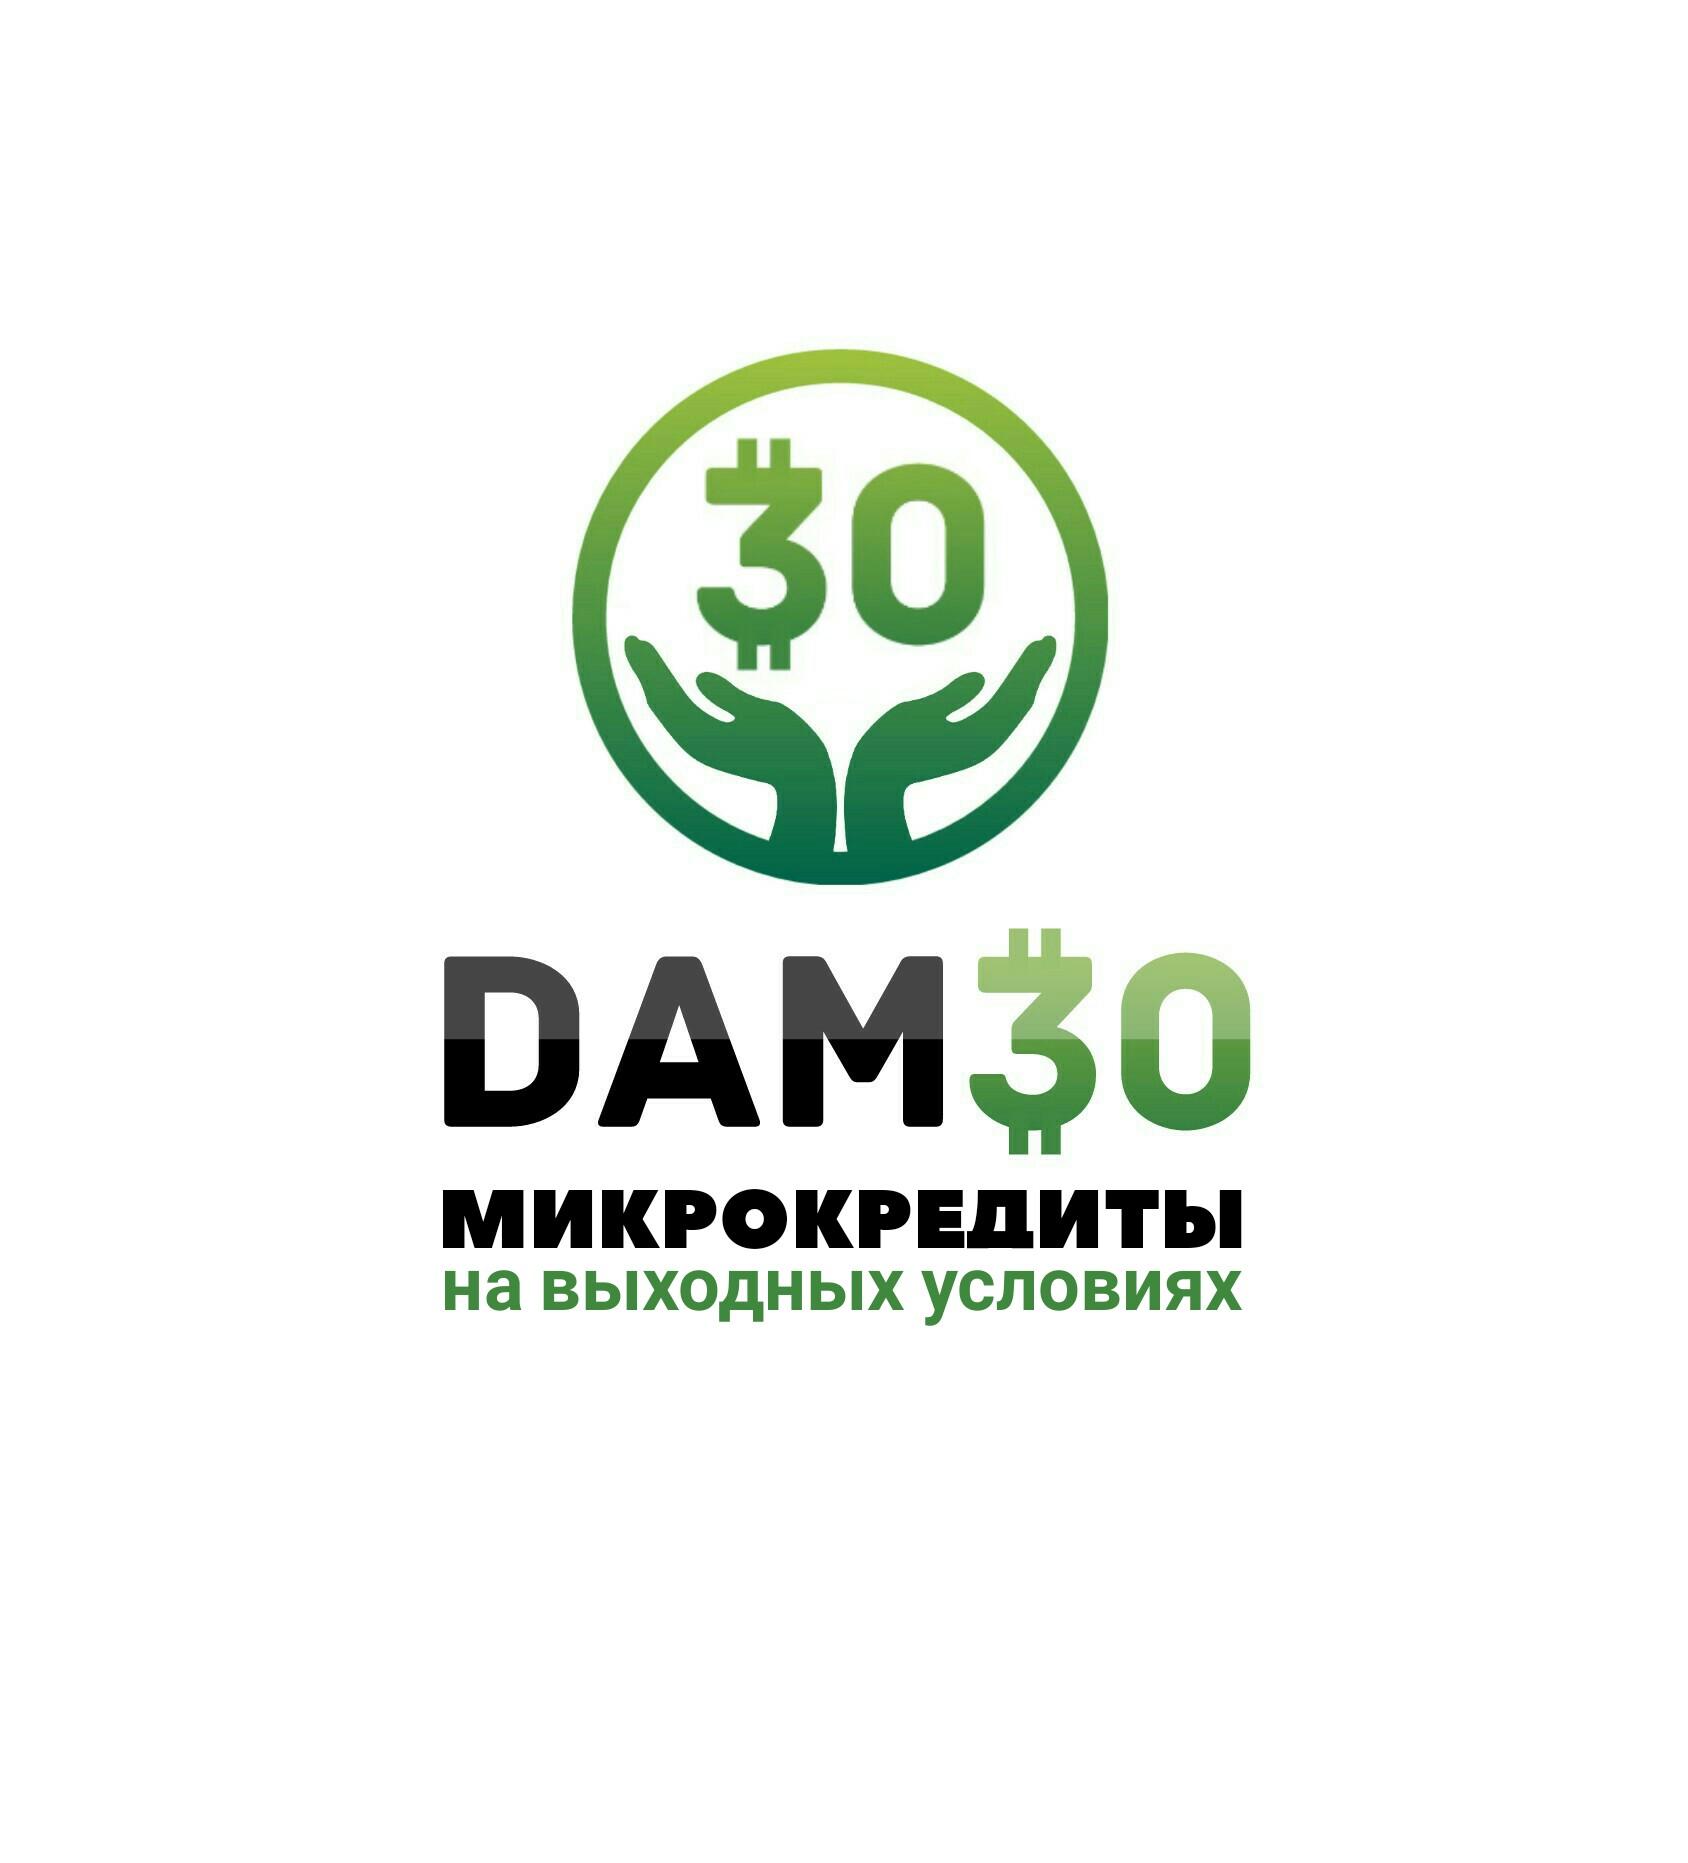 Логотип для микрокредитной, микрофинансовой компании фото f_3345a2abee7c48d3.jpg